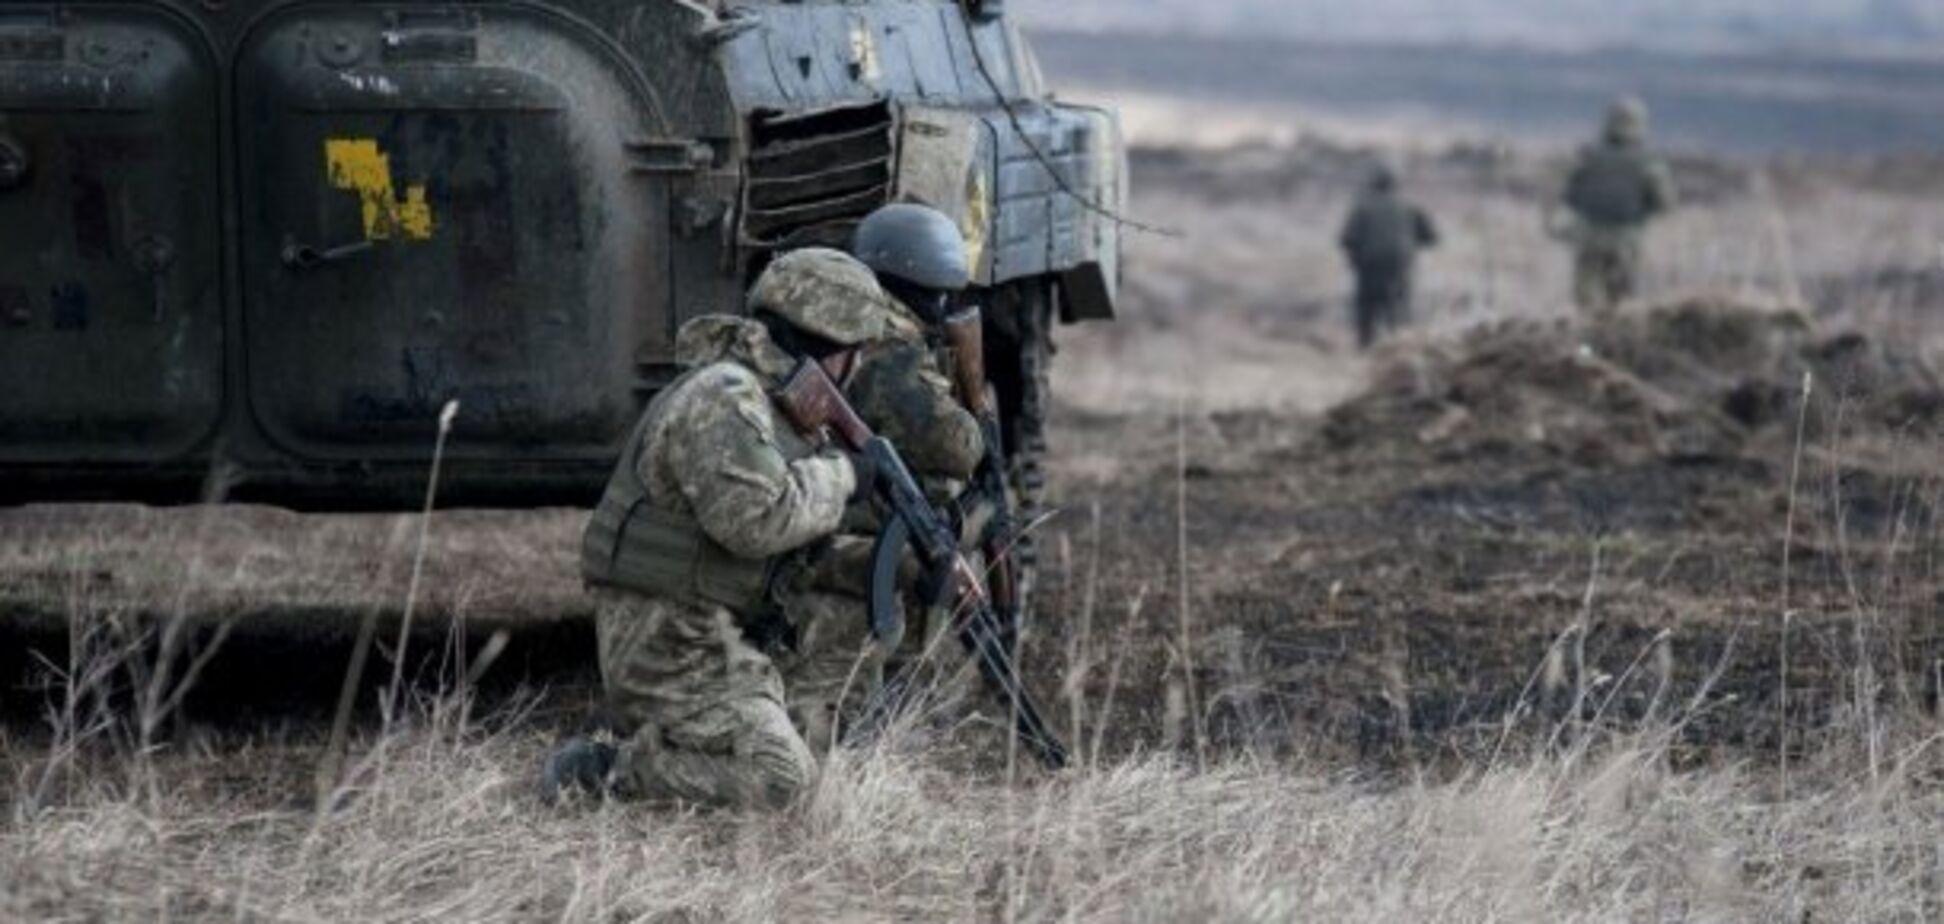 Война за независимость Украины: 'Л/ДНР' нагло атаковали ВСУ